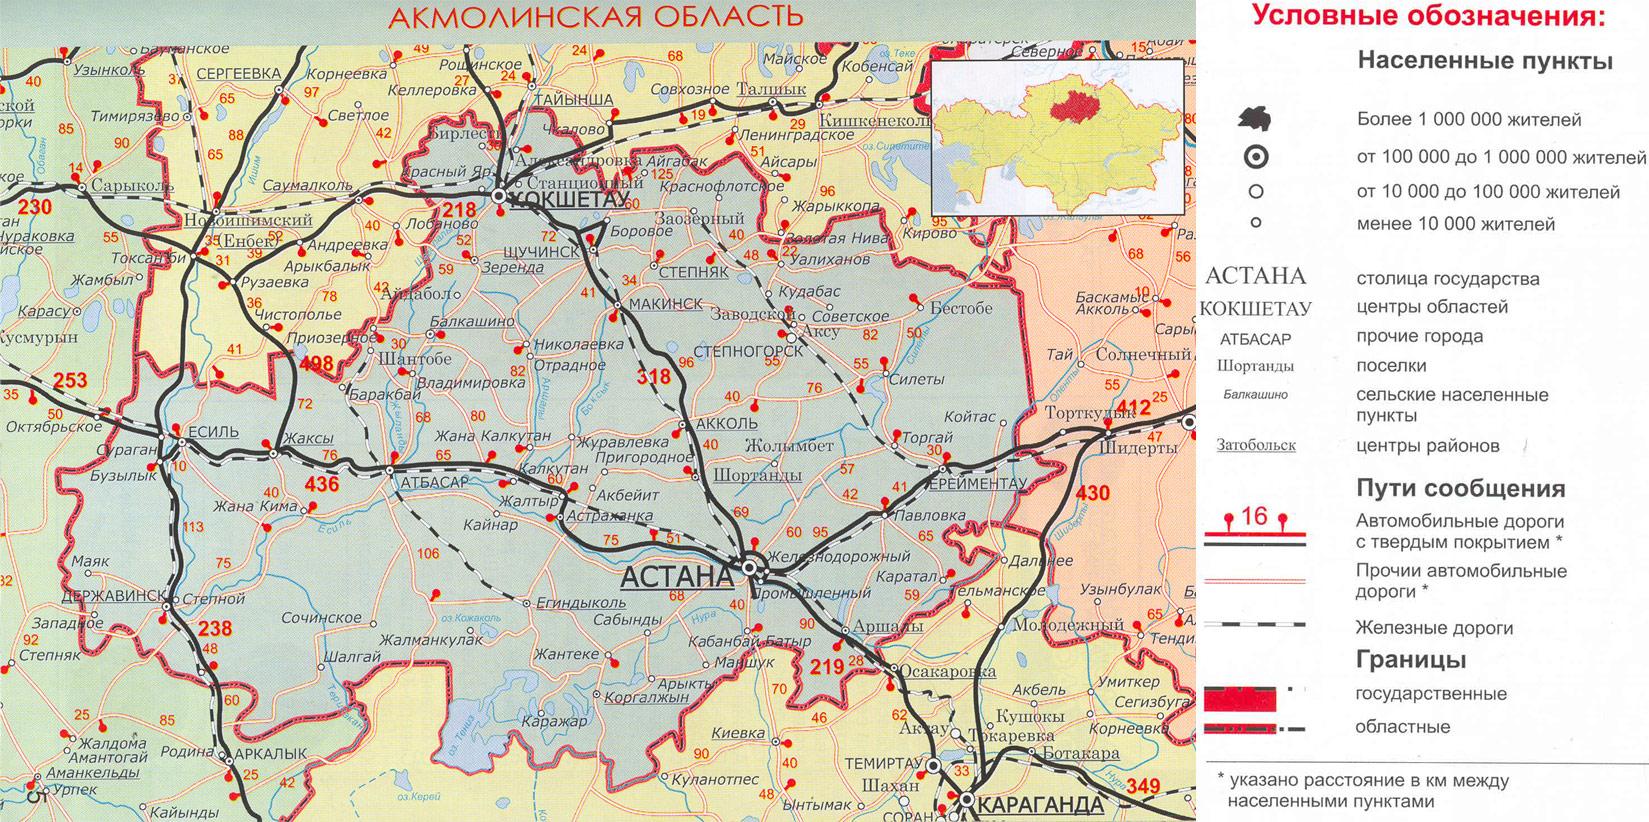 интервал показать таможенный пост атамекен на спутниковой карте бюджетное учреждение